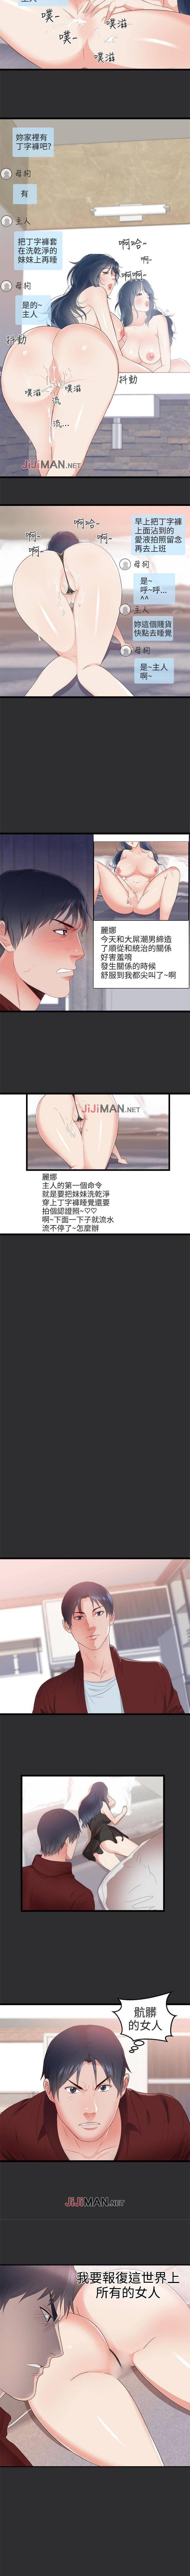 【已完结】性癖好(作者:主寧 & 洗髮精) 第1~30话 18